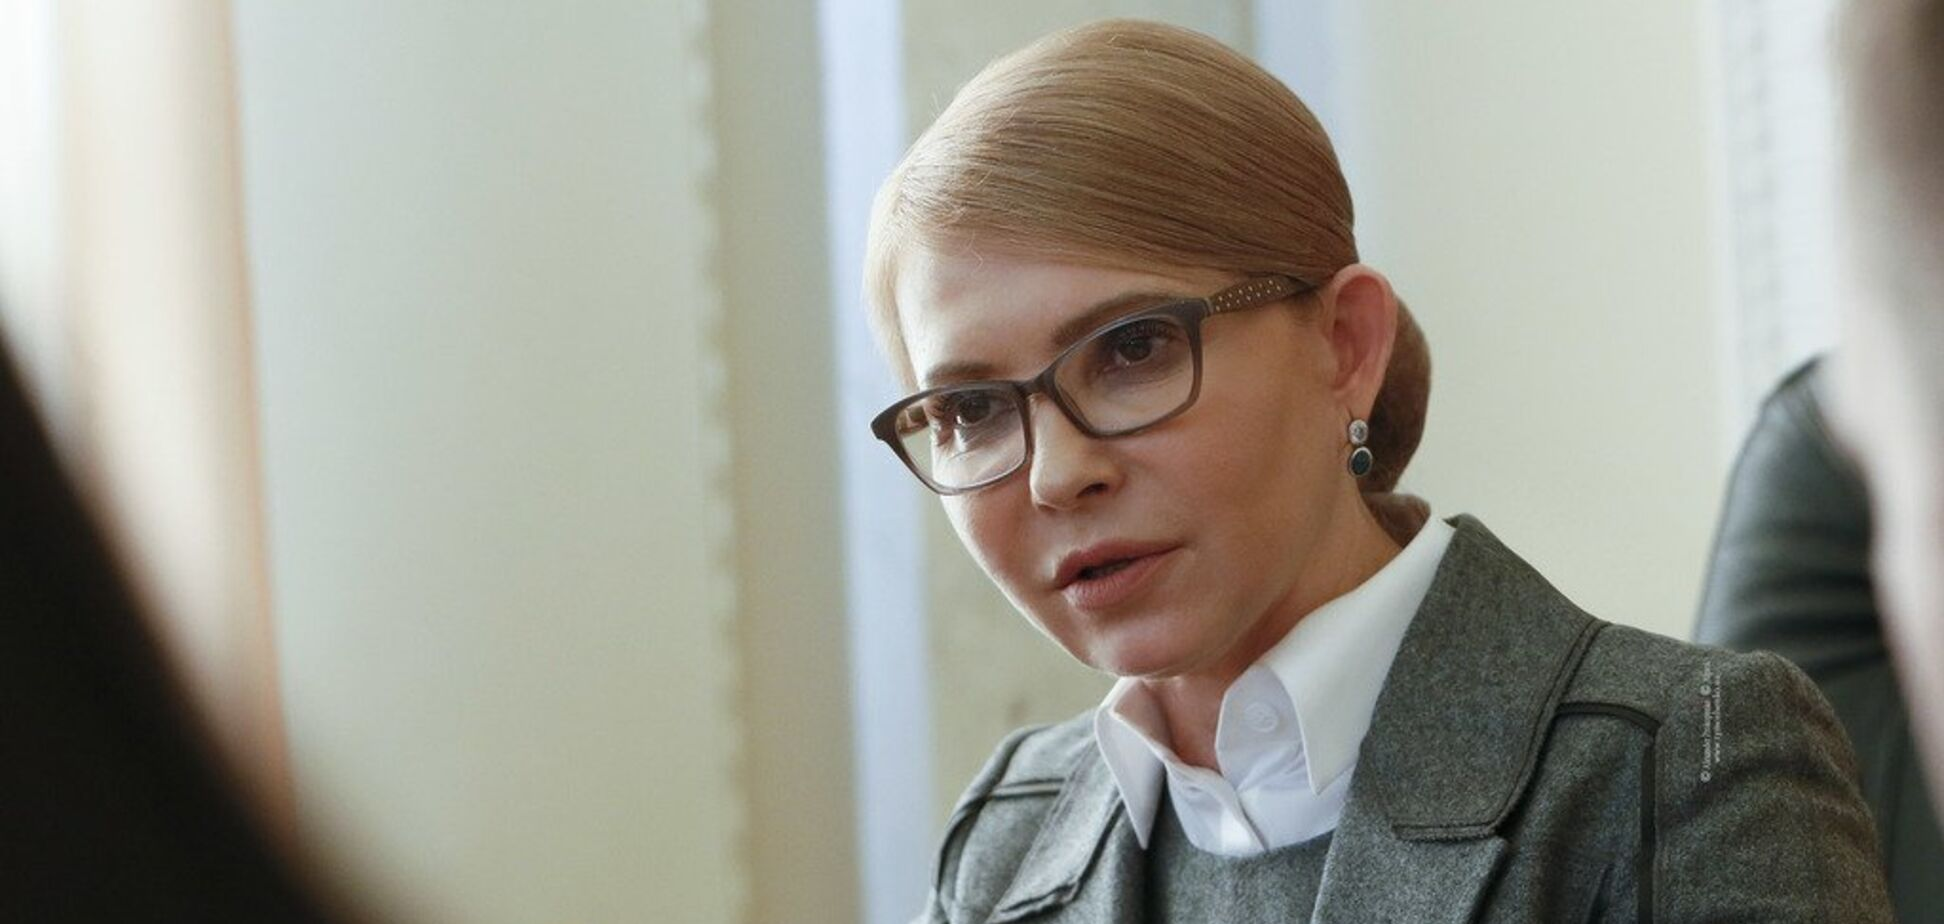 Евтушок: Тимошенко готова договариваться с МВФ о снижении цены на газ